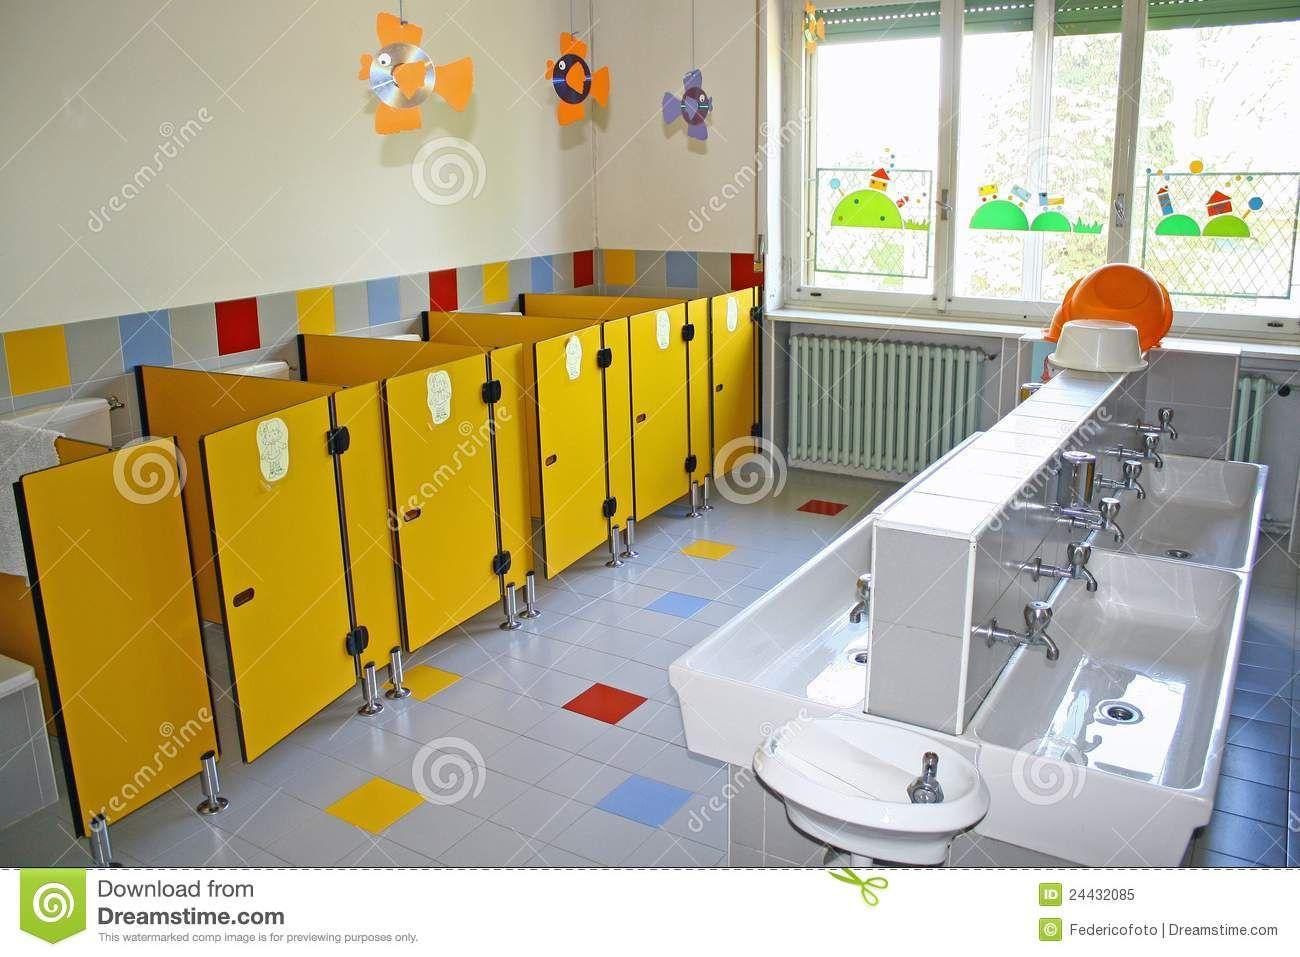 Bathroom Toilet Small Sinks Asylum 24432085 Jpg 1 300 957 Pixels